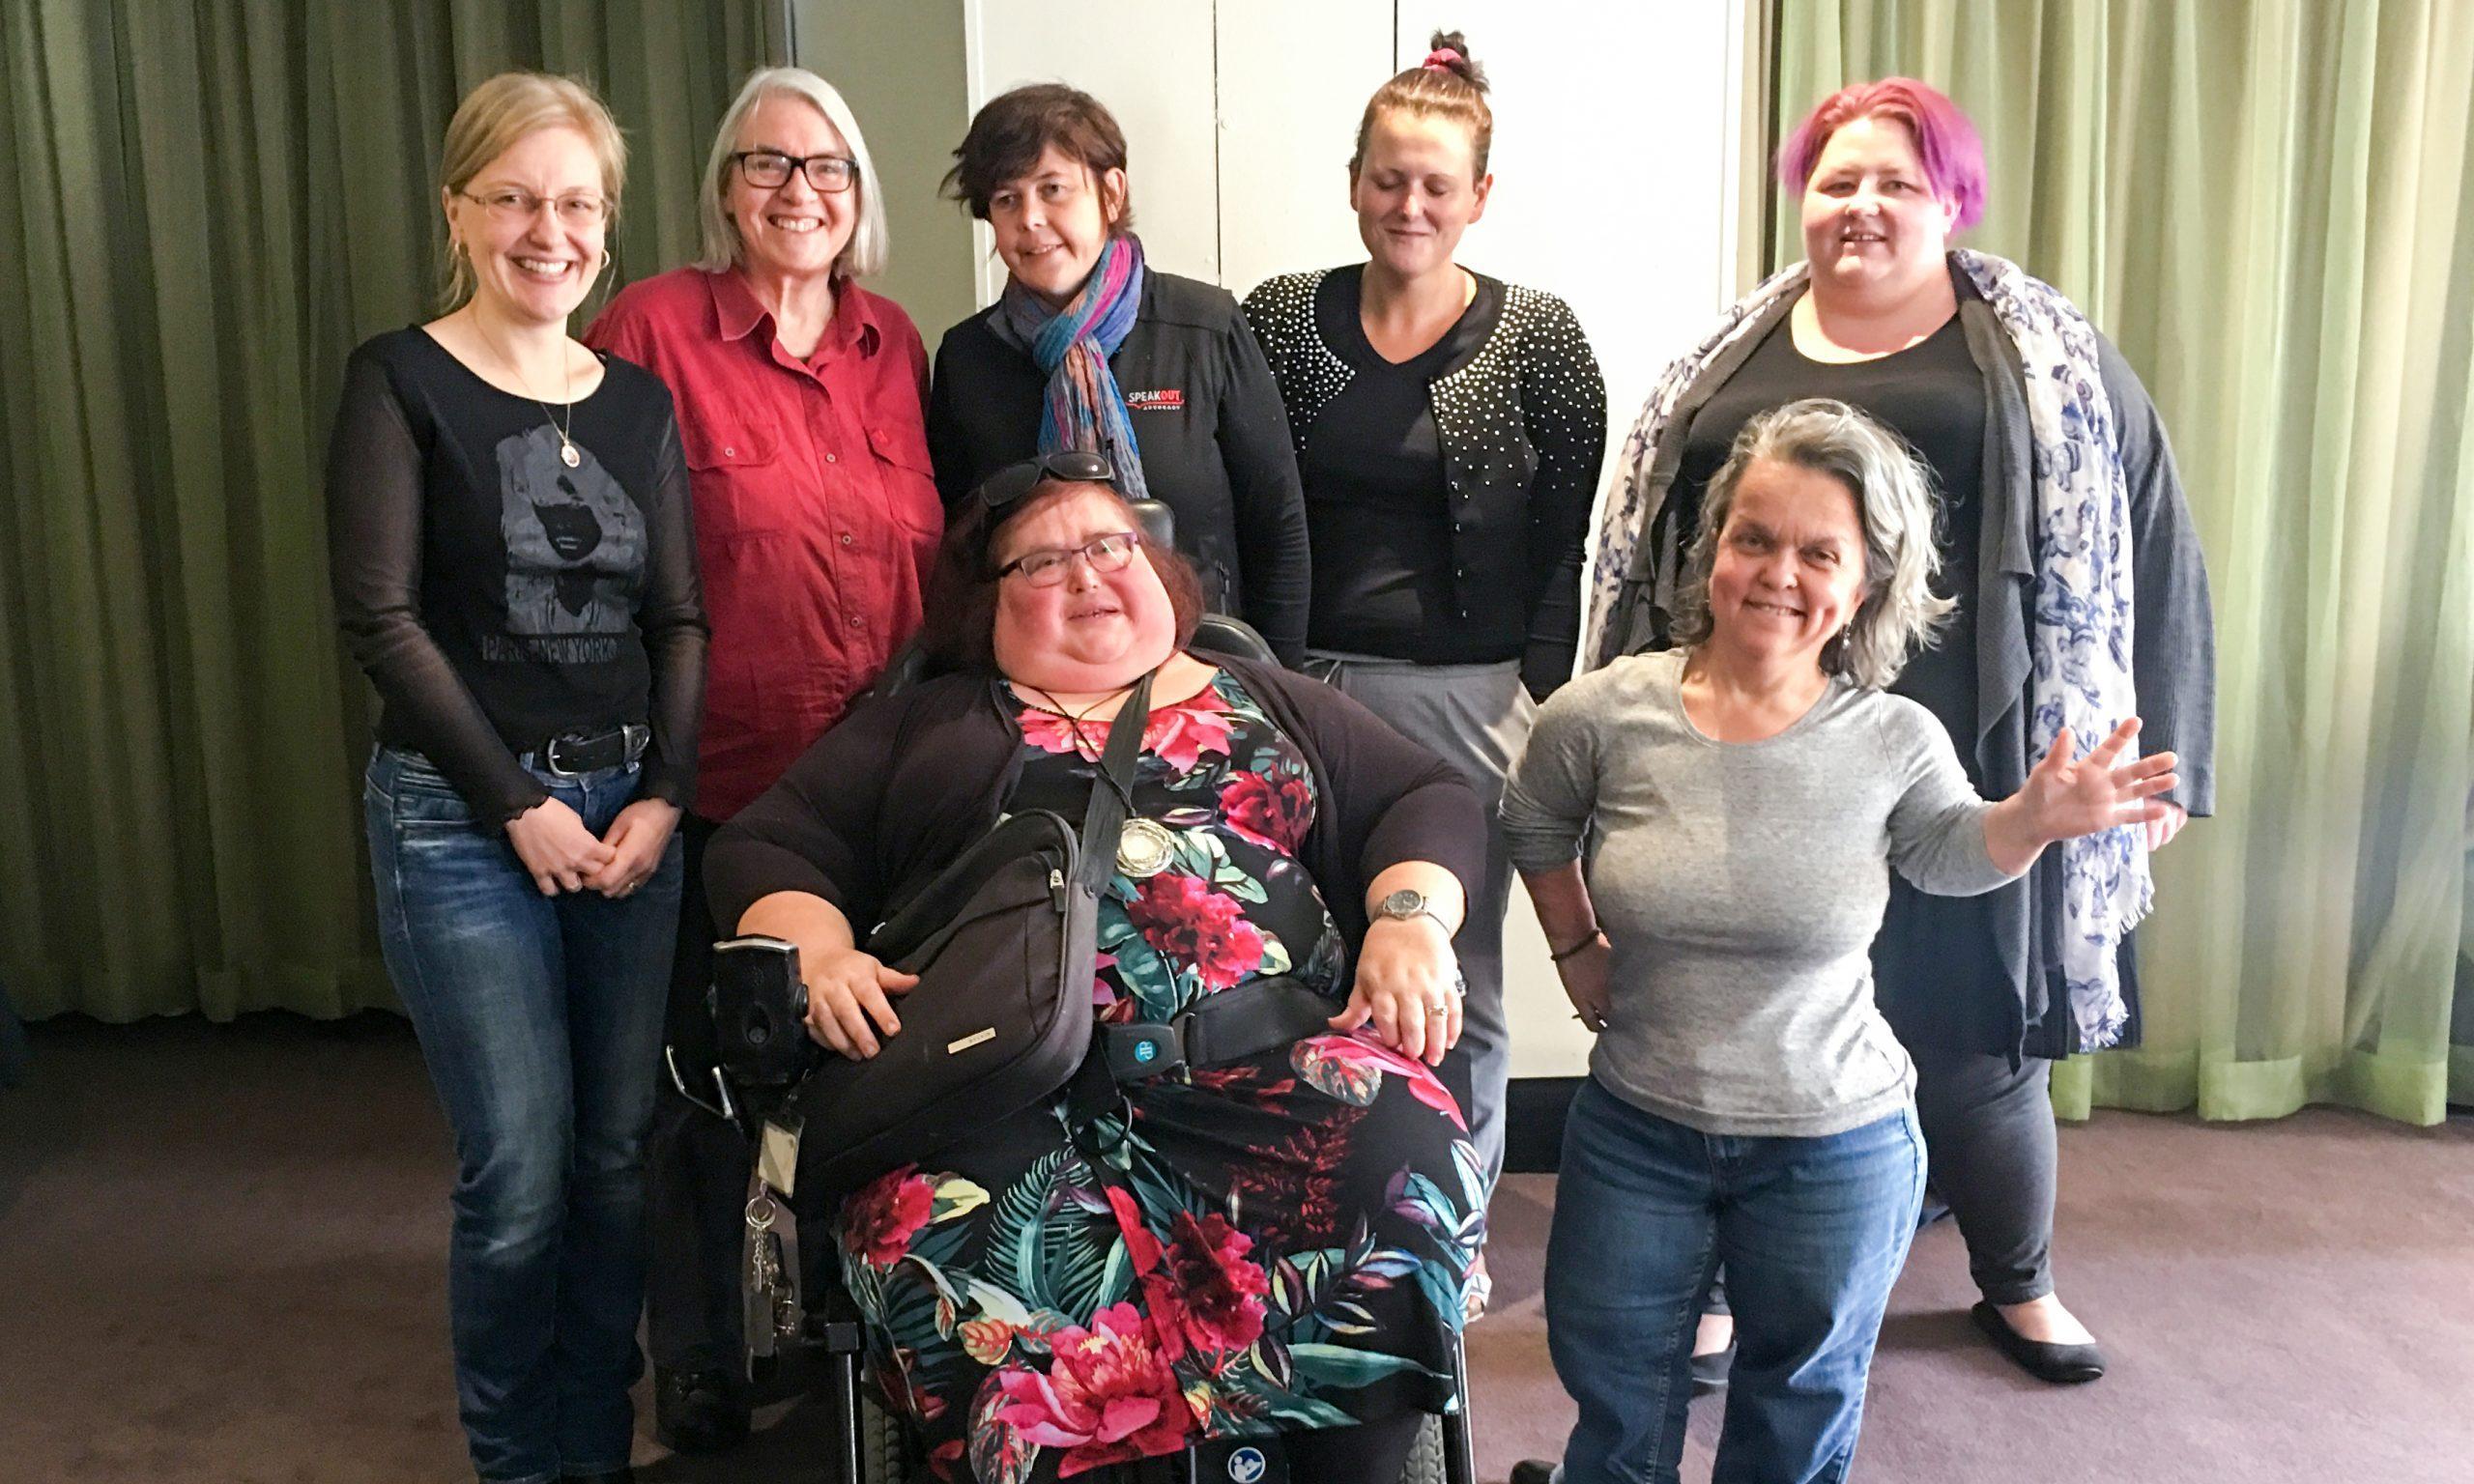 Back (L): Iva Strnadová (President), Pamela Menere (Treasurer), Monique Crowden, Jess White, Cherohn Rule. Front (L): Karin Swift, Fiona Strahan (Vice-President).